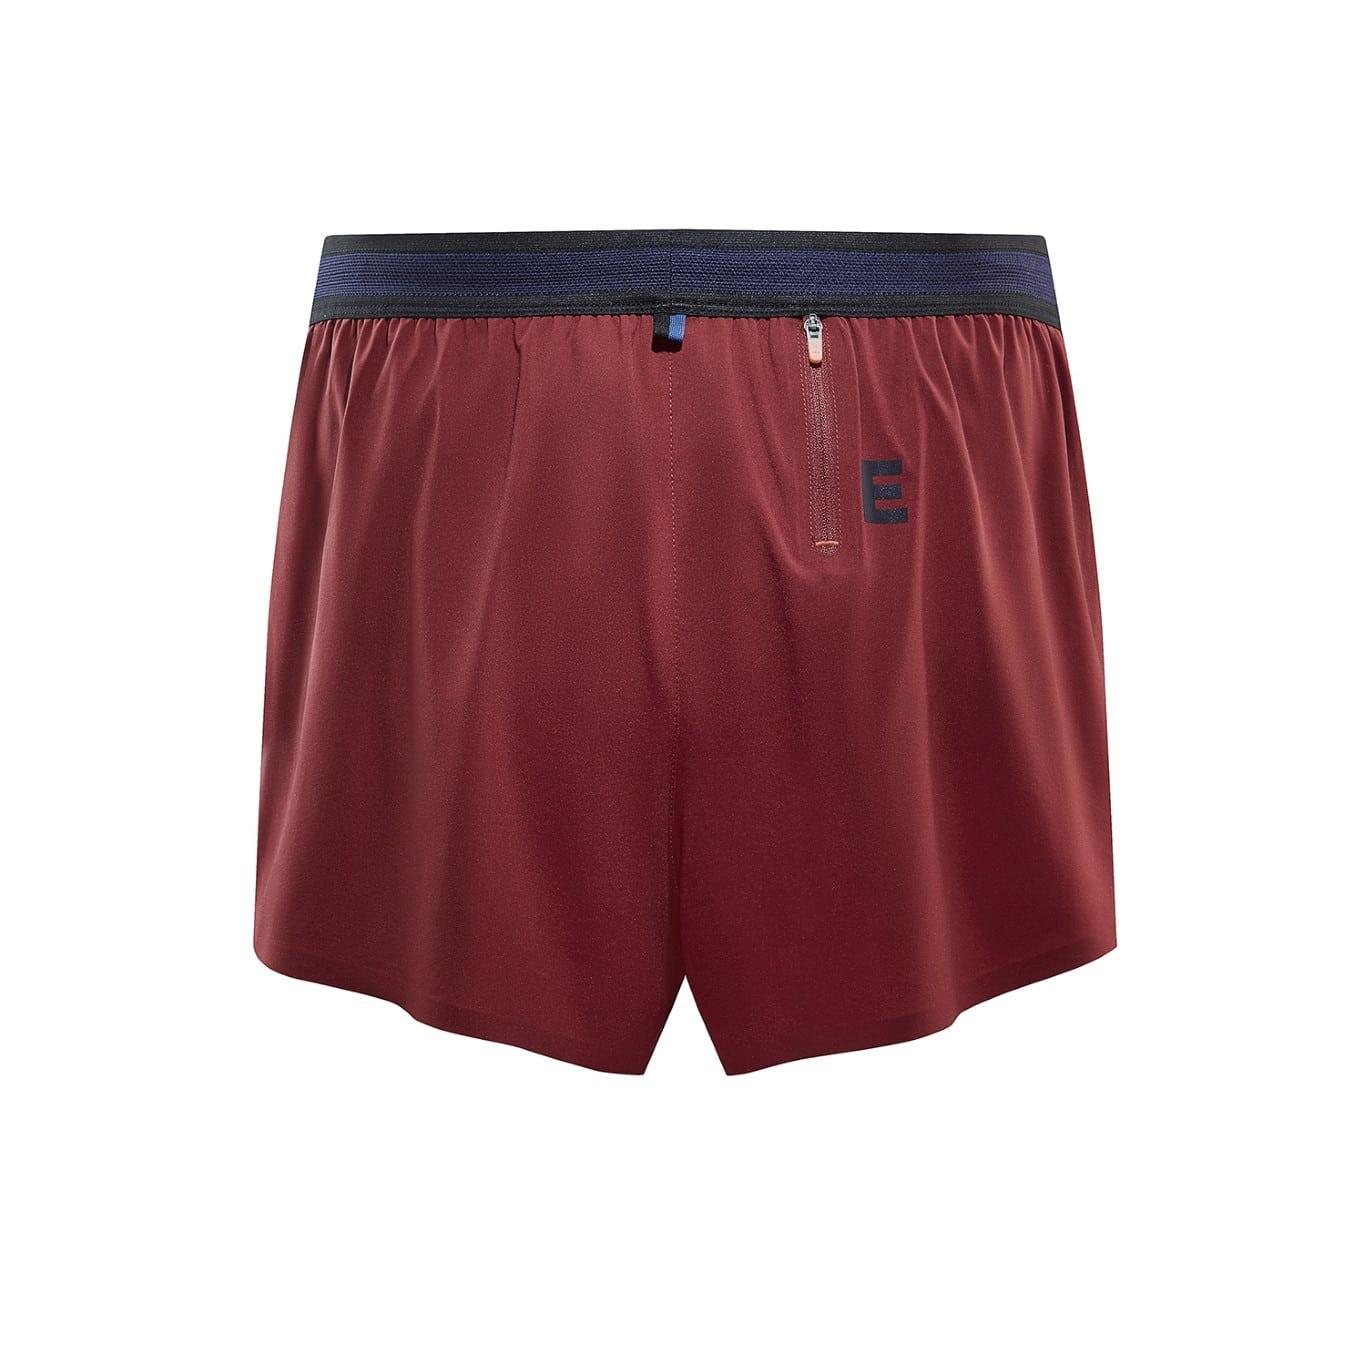 Soar Elite Race Shorts 3.0